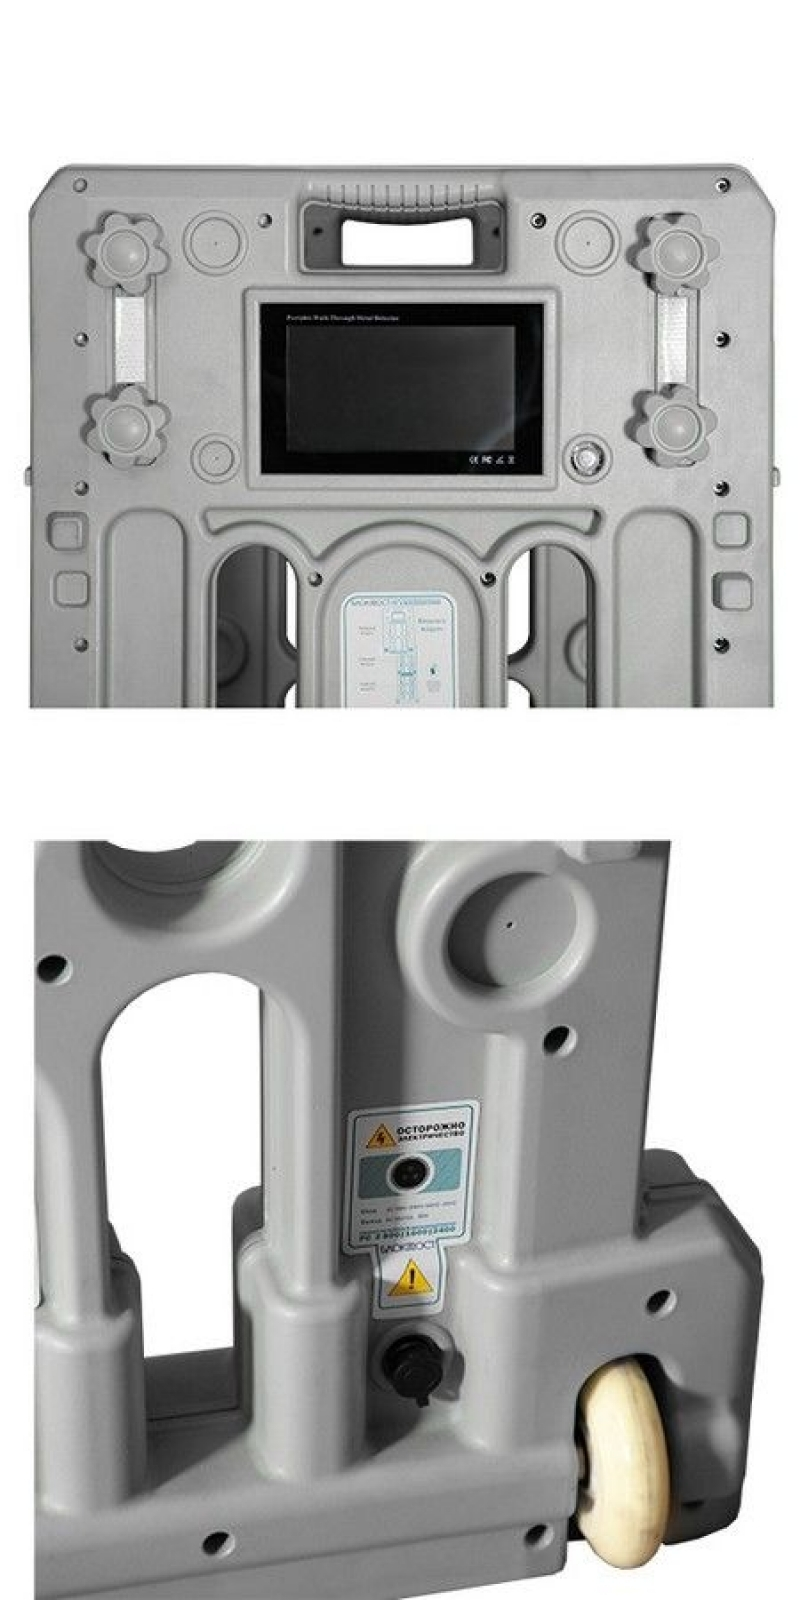 арочный металлодетектор блокпост рс z 800|1600|2400 сбр